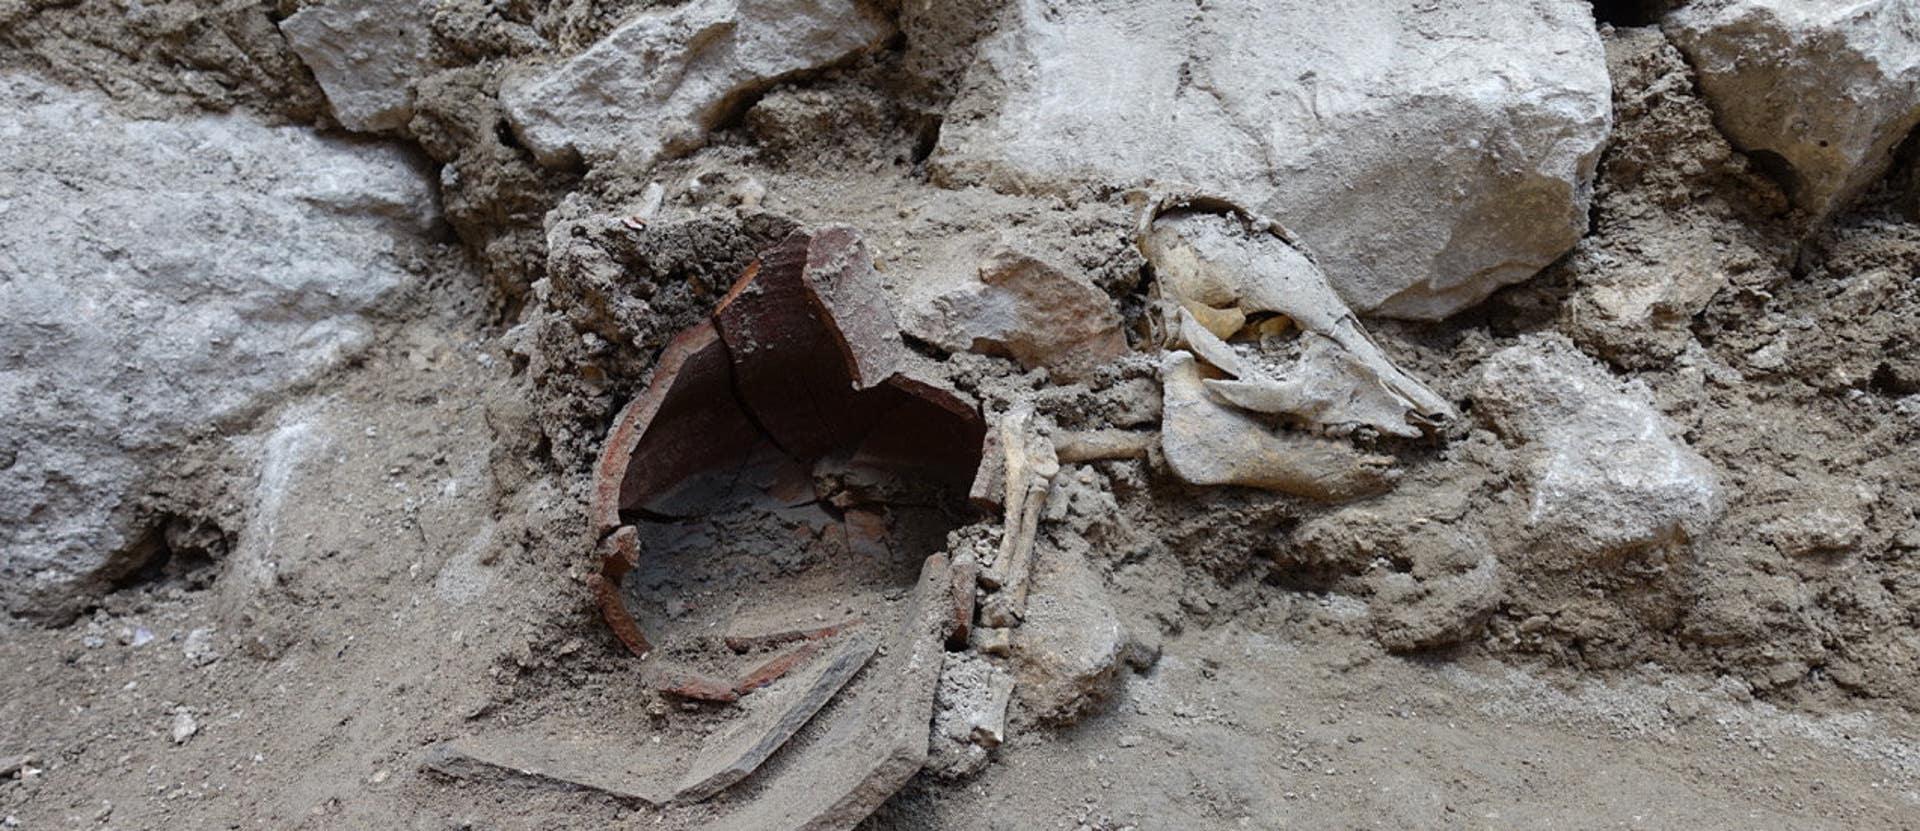 Израильские археологи нашли скелет свиньи в Иерусалиме времен Первого Храма